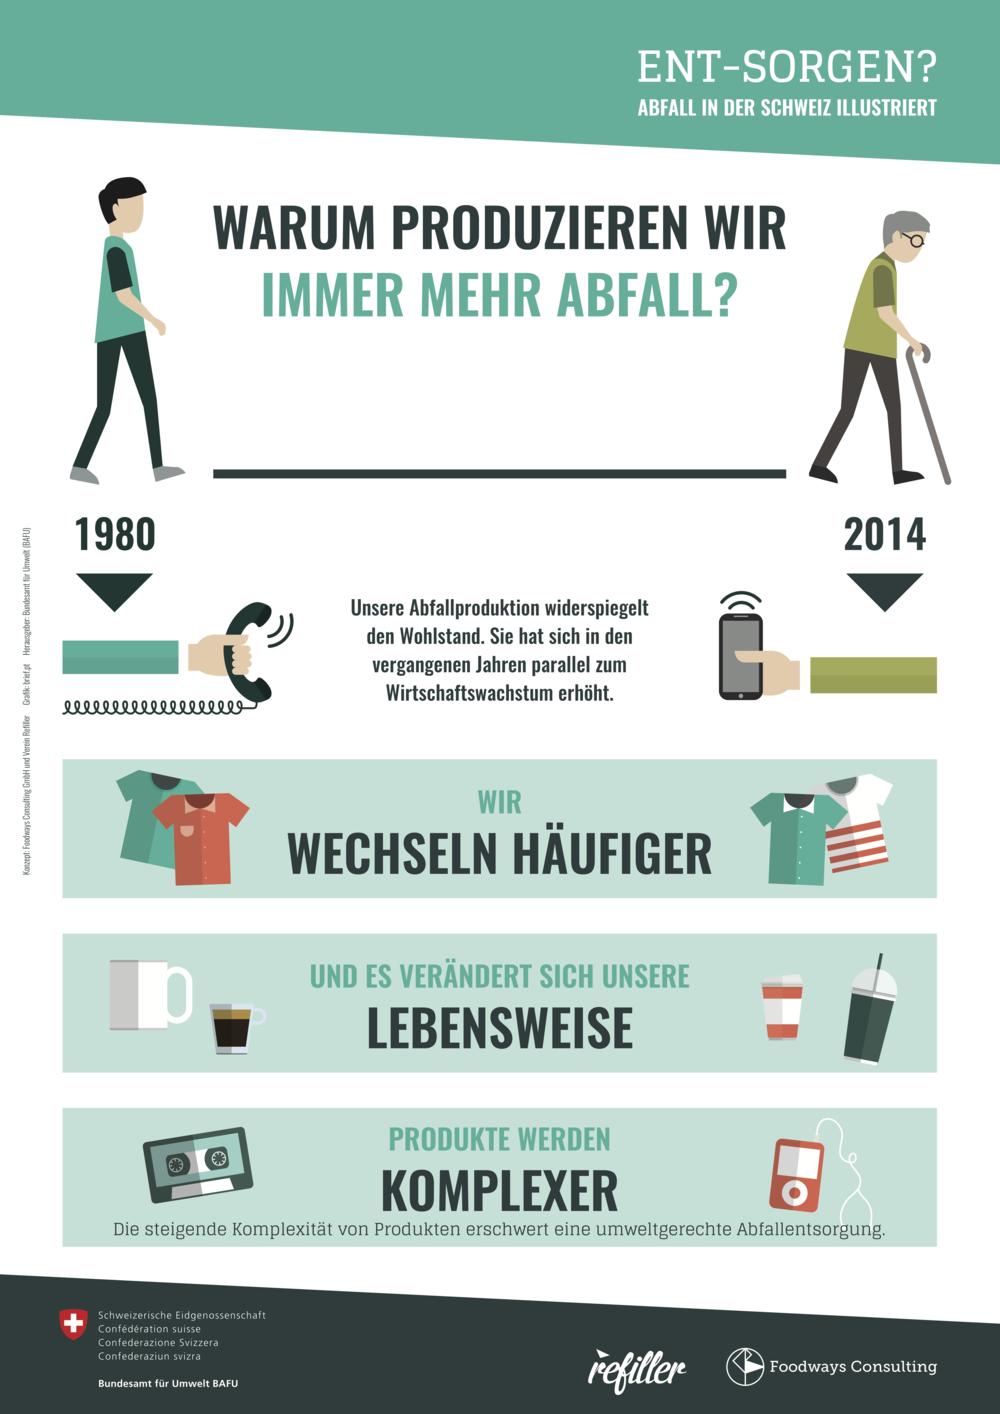 Warum produzieren wir Abfall